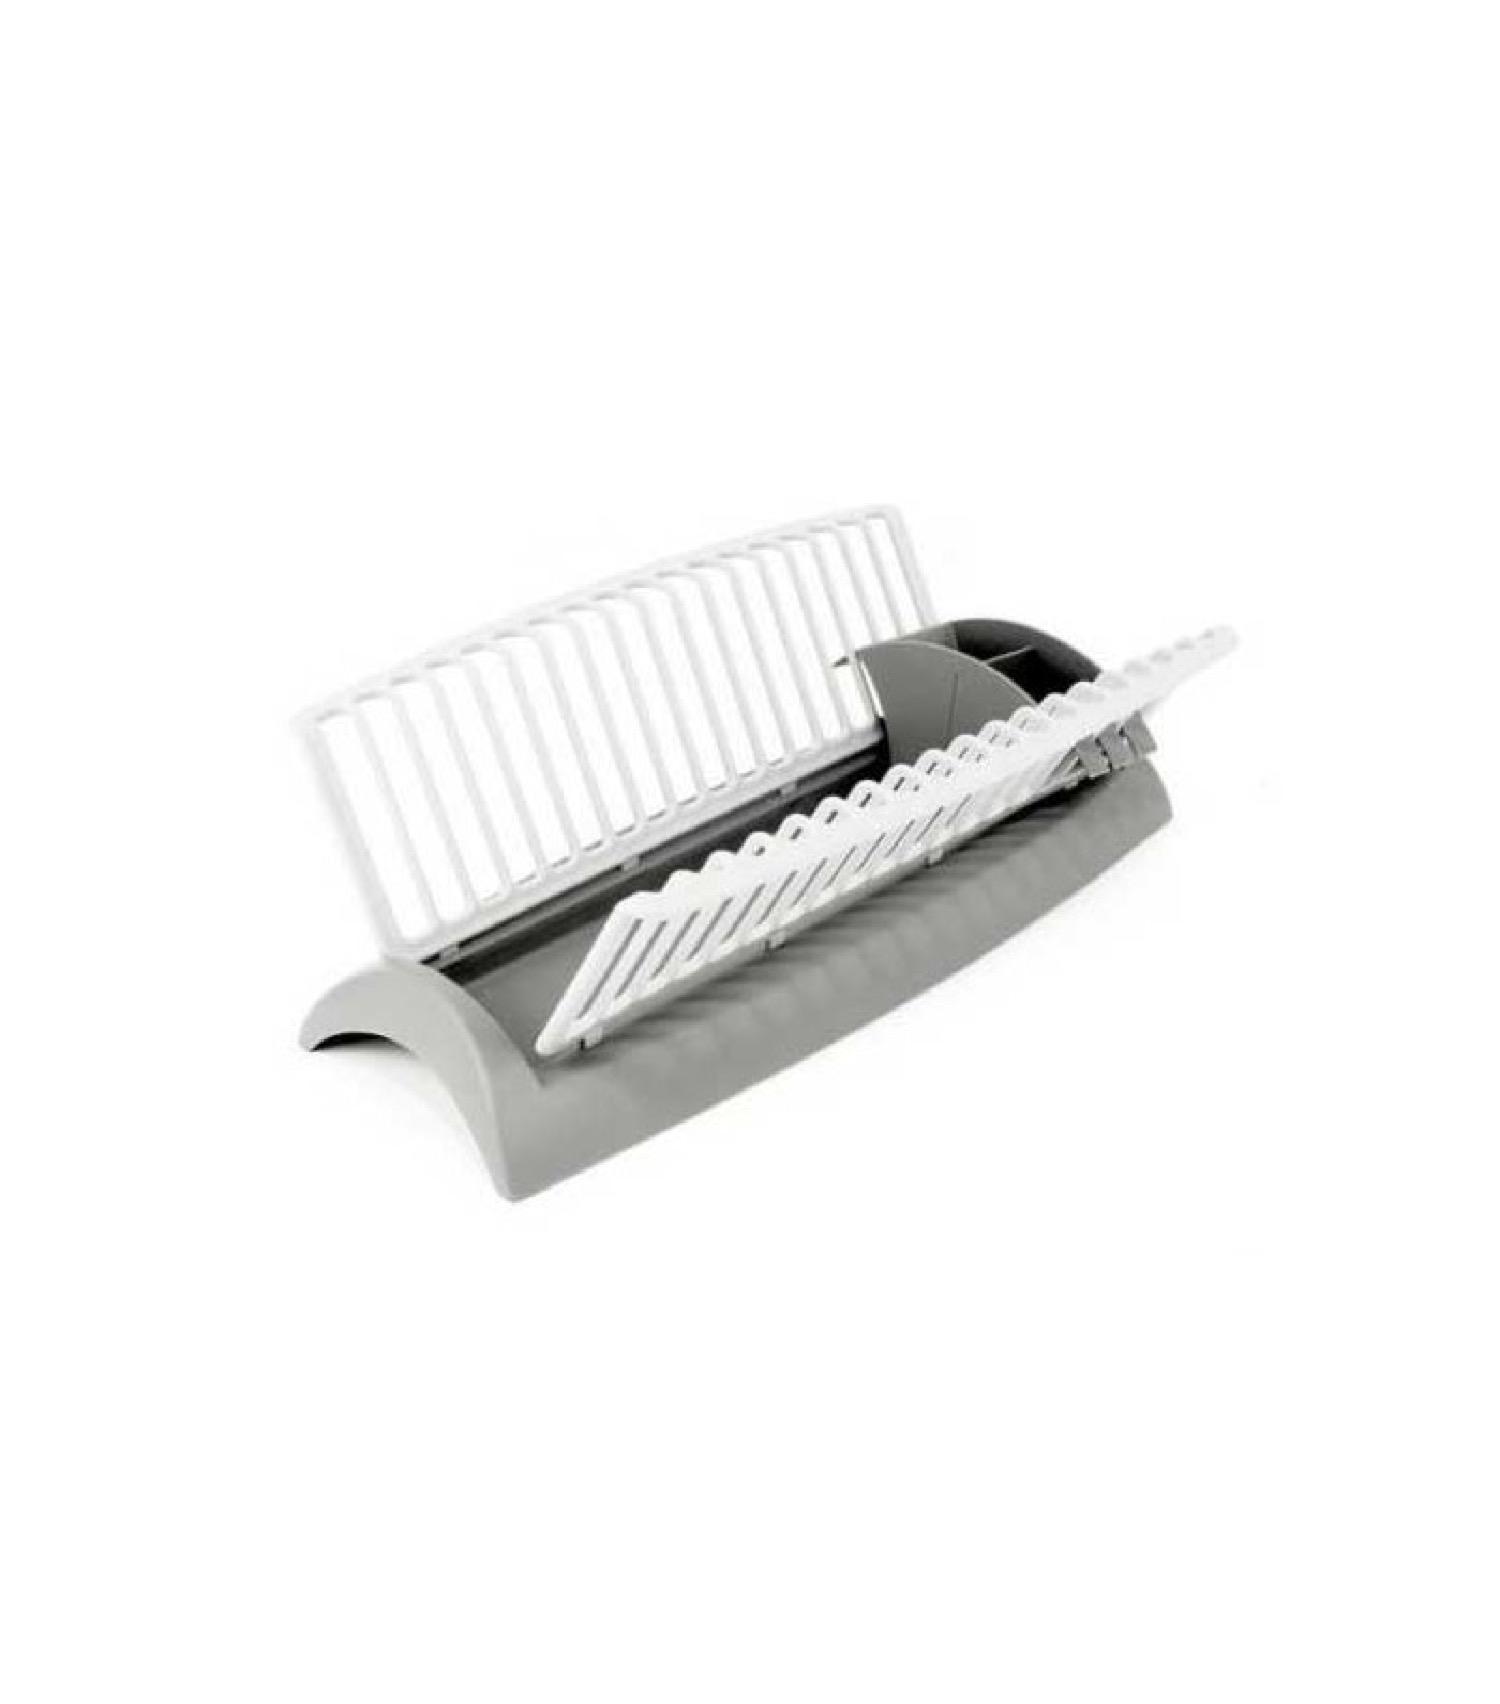 Égouttoir à vaisselle en plastique gris et blanc